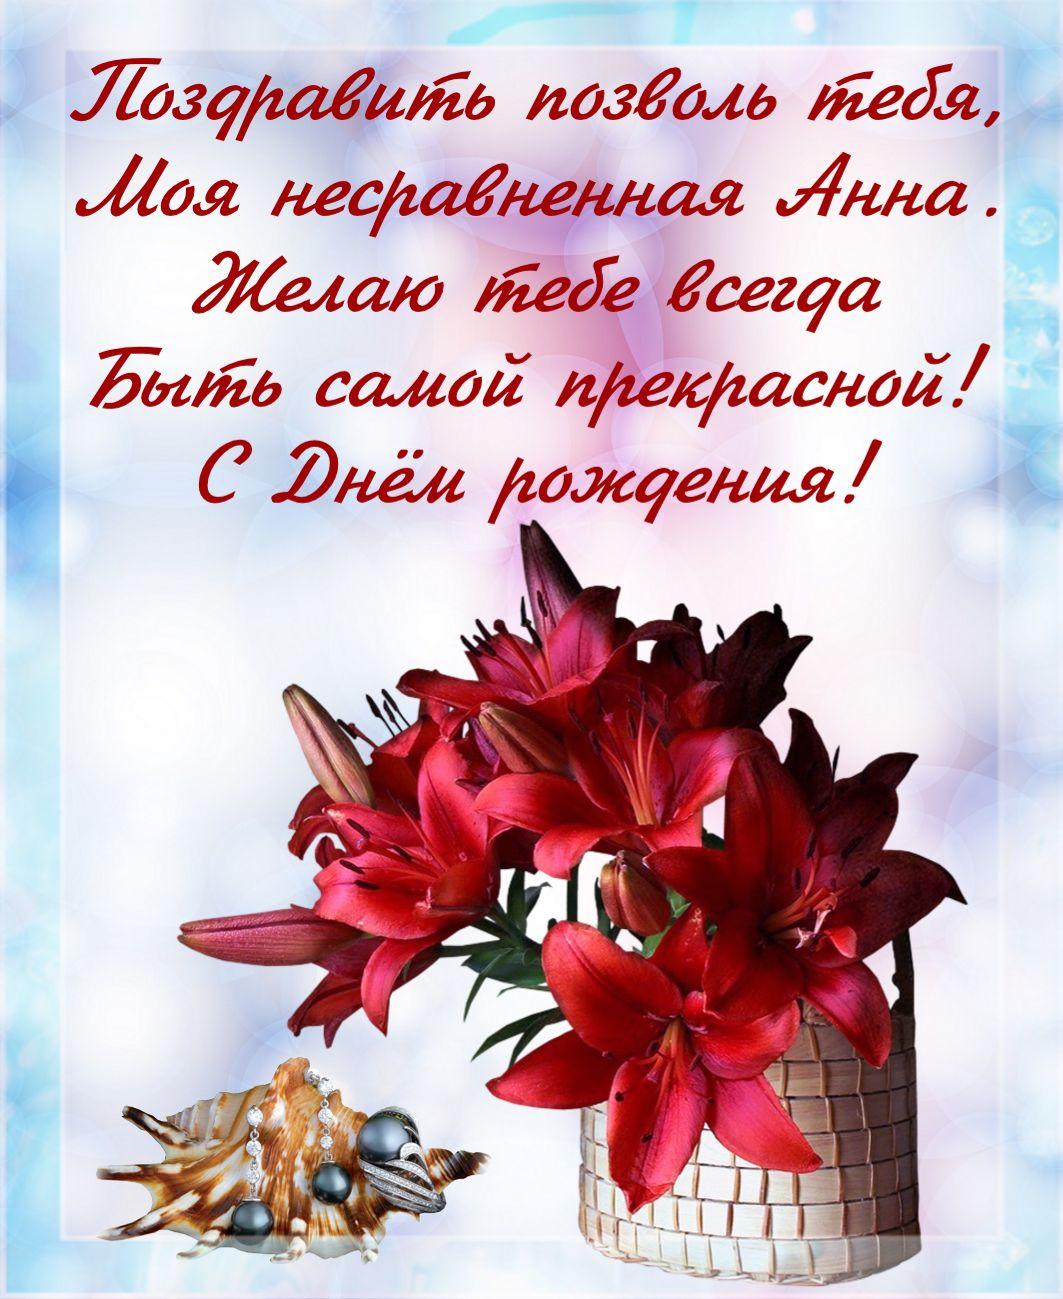 Цветы и пожелание Анне на День рождения